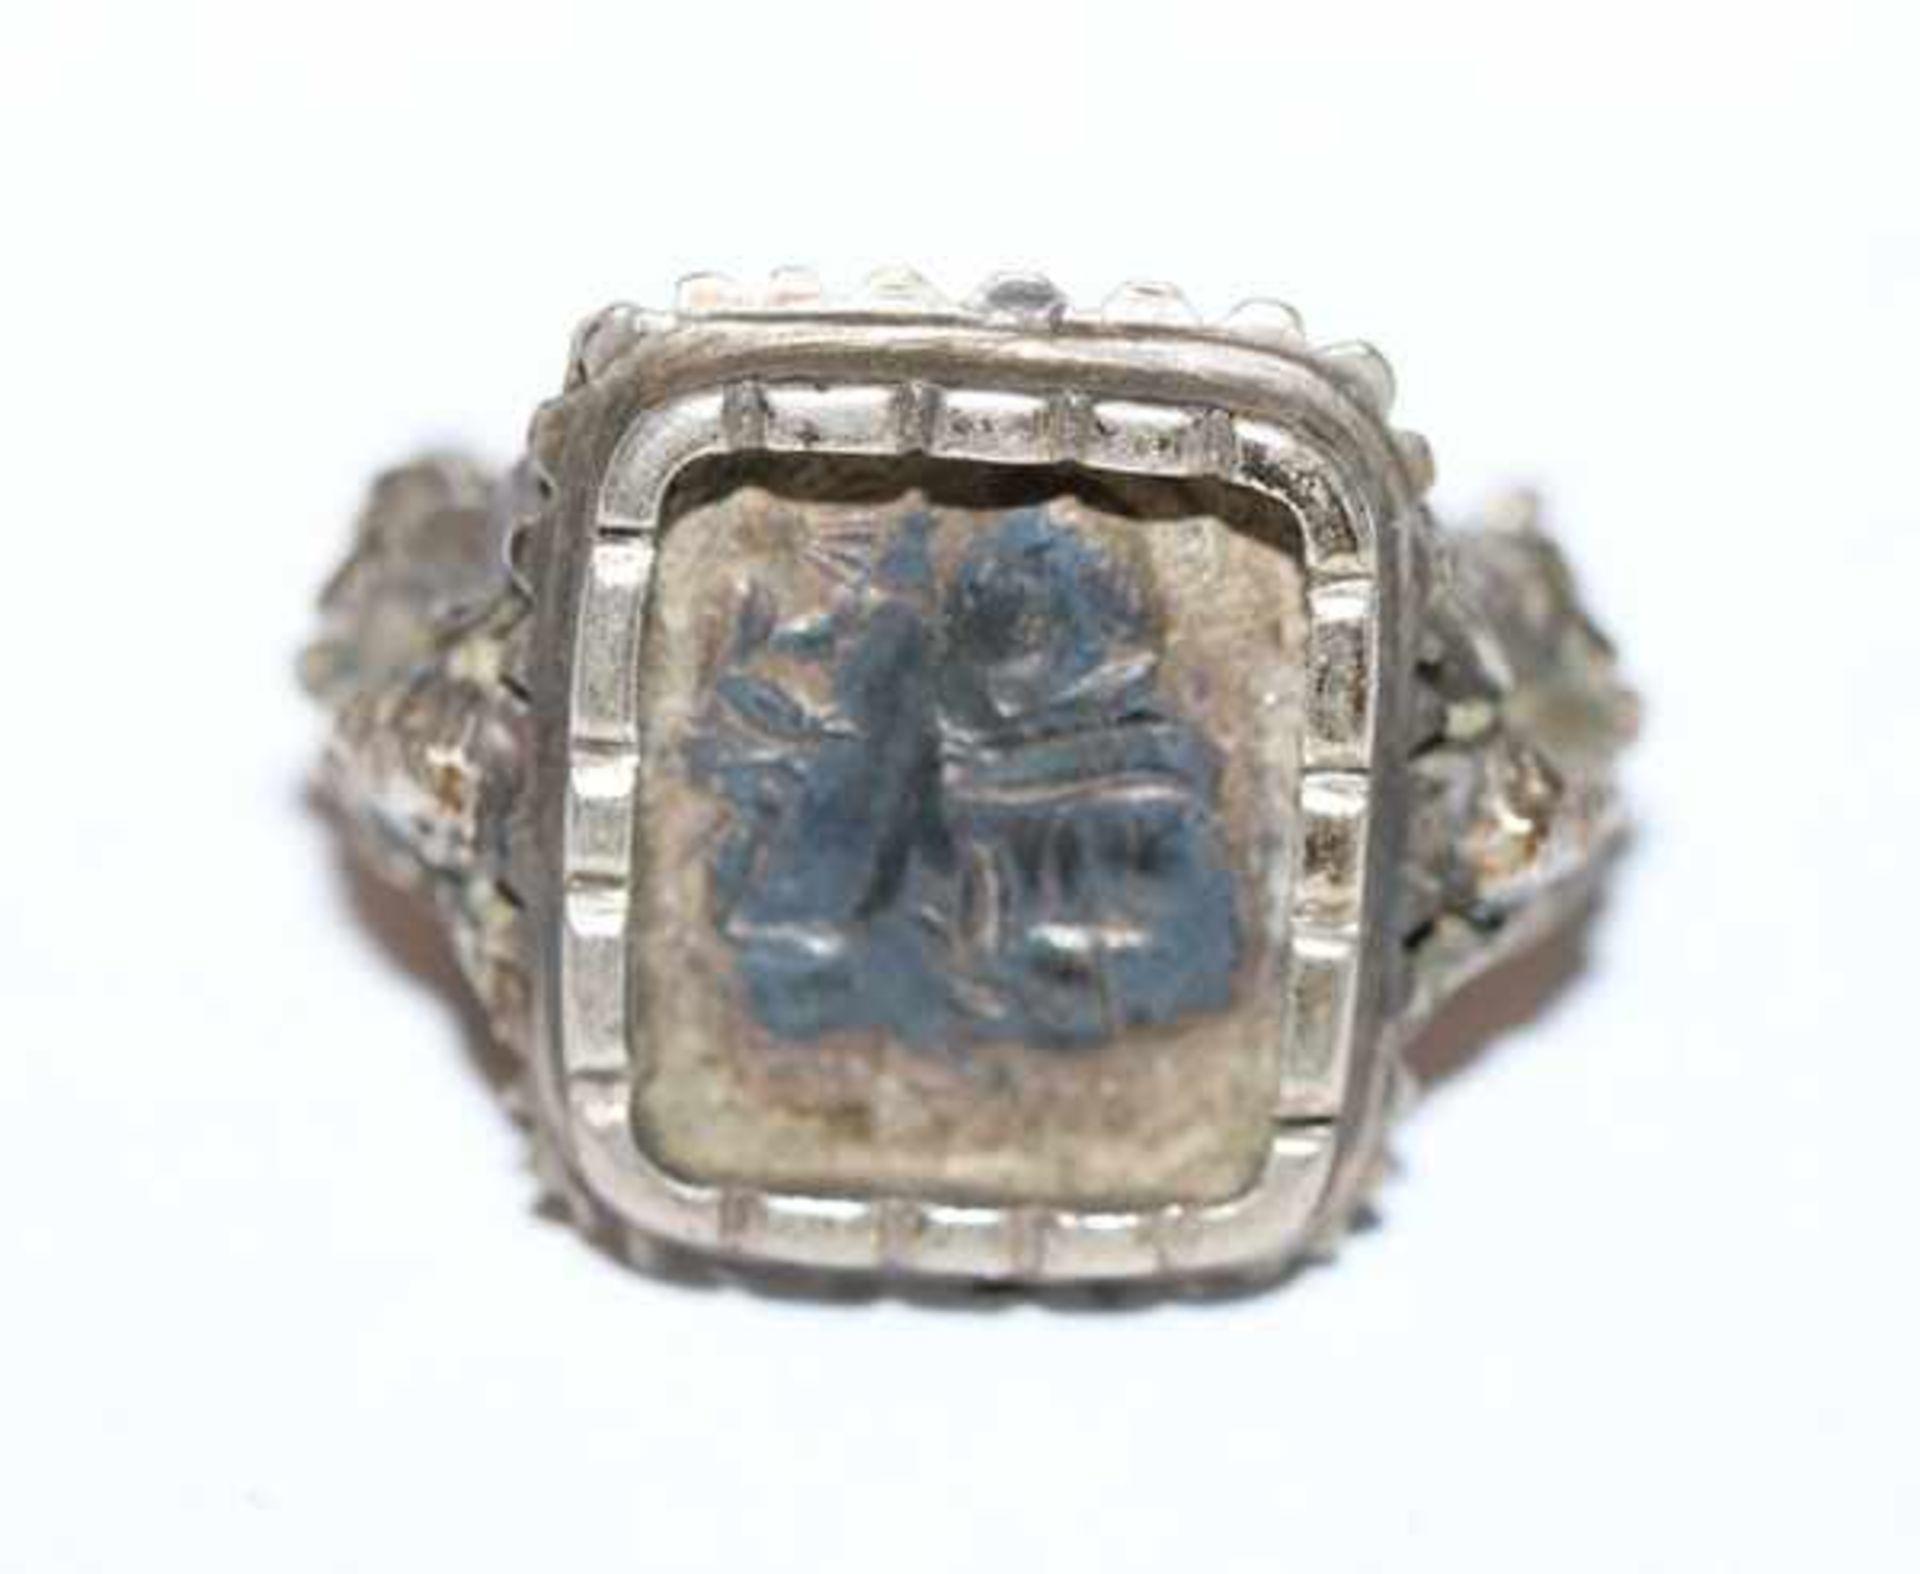 Los 21 - Antoni Ring, reliefierter Heiliger Antonius und Ringschiene, Silber, Gr. 61, Tragespuren